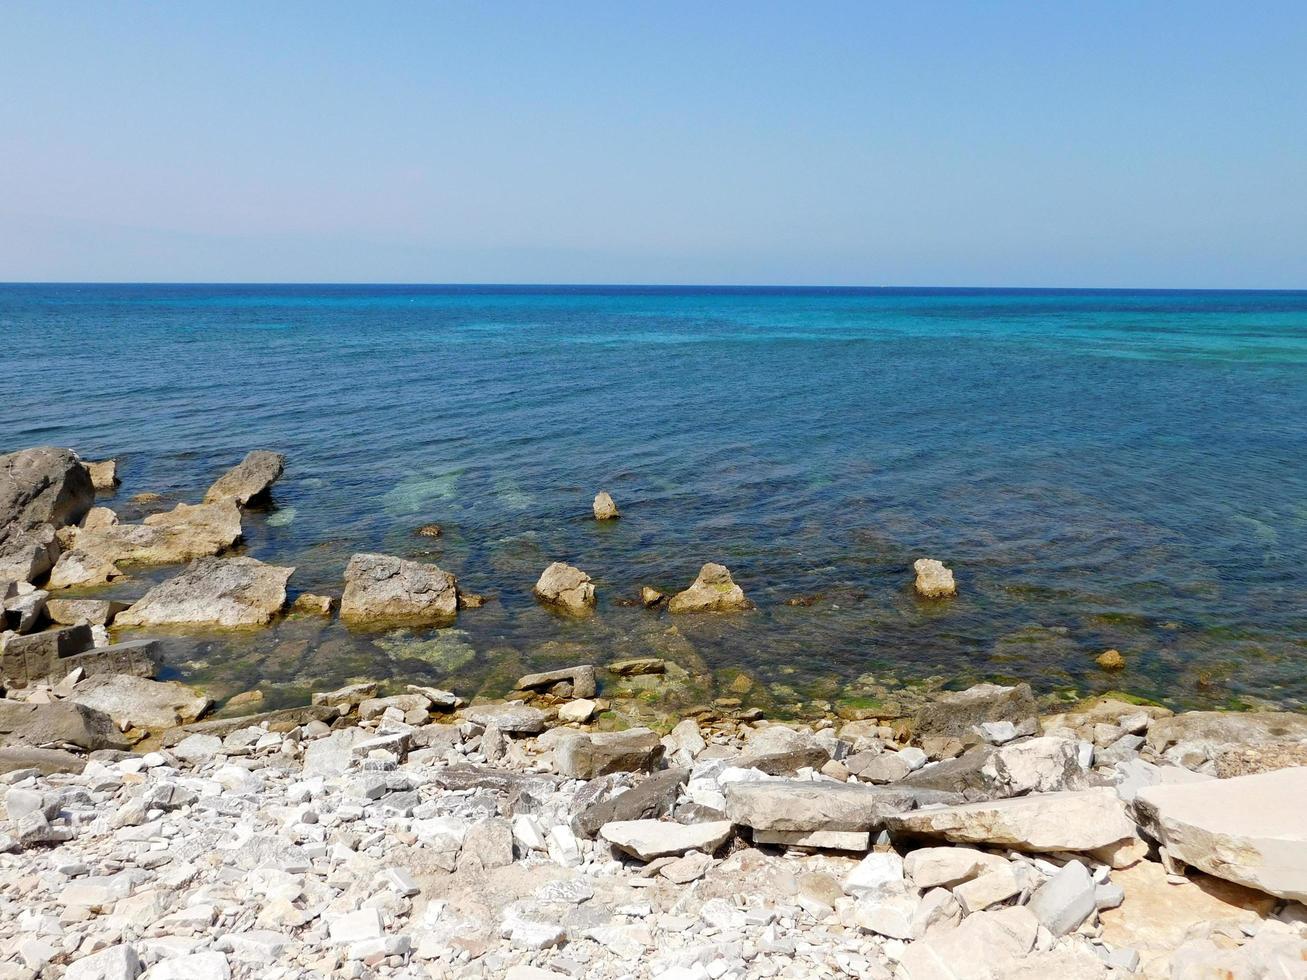 blauwe kust gedurende de dag foto